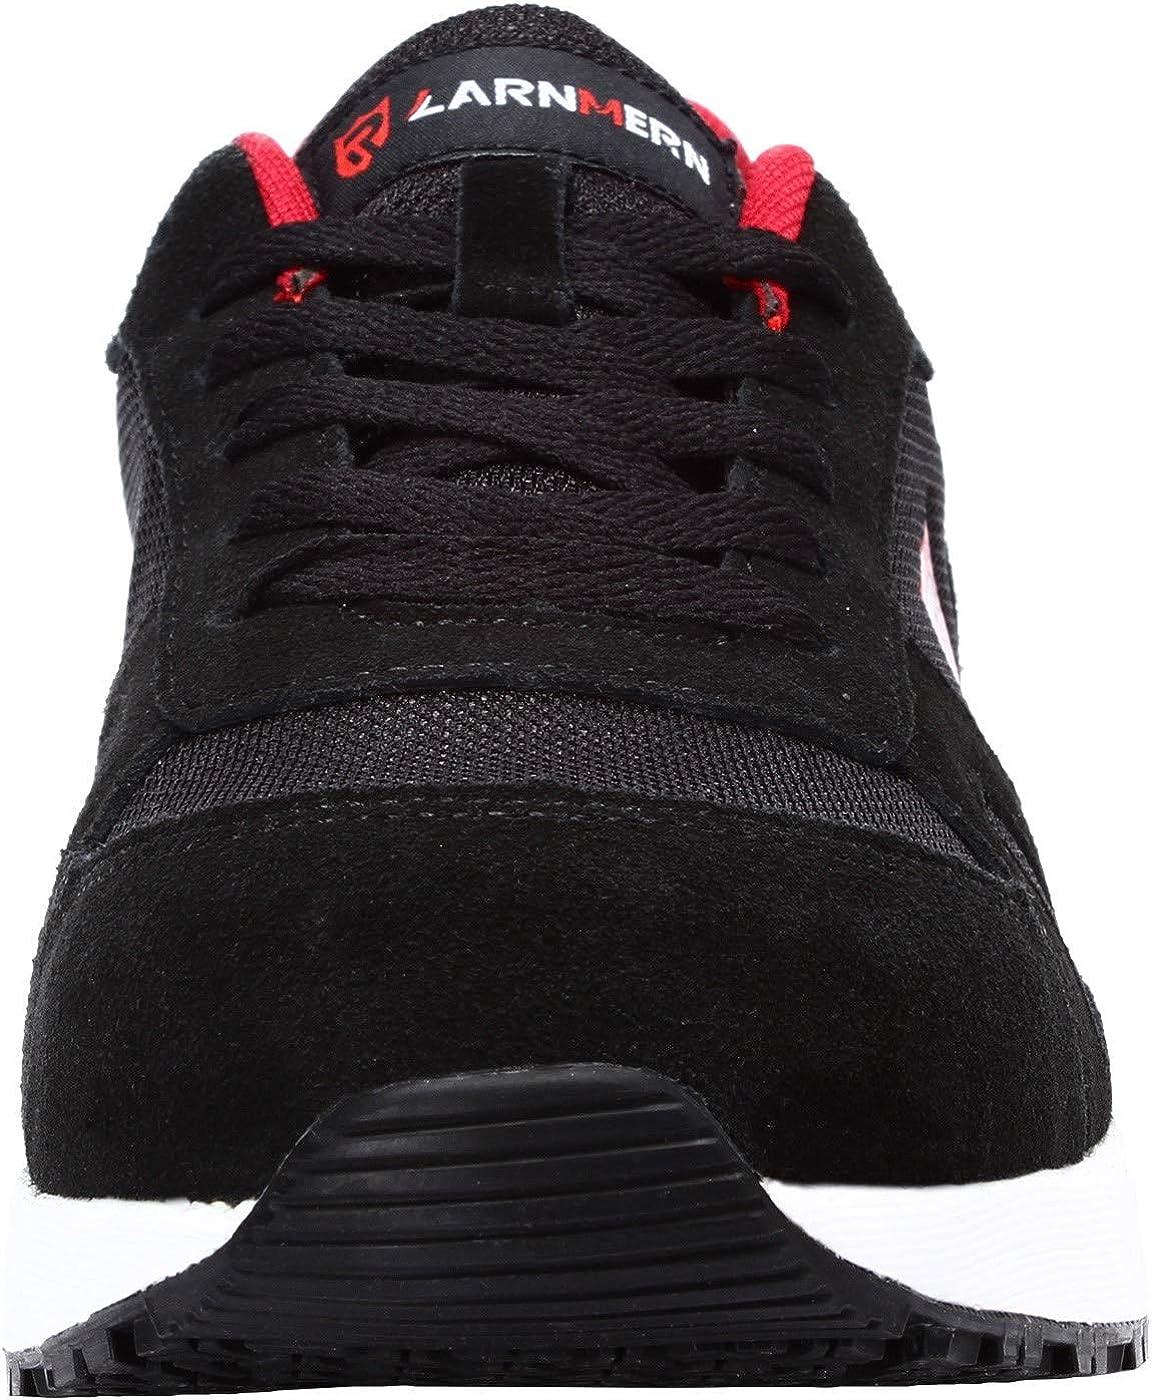 LARNMERN Chaussure de Securit/é Homme Femme Legere Embout en Acier Chaussure Respirant Basket Securit/é R/éfl/échissant Chaussure de Travail Bottes de S/écurit/é LM-112